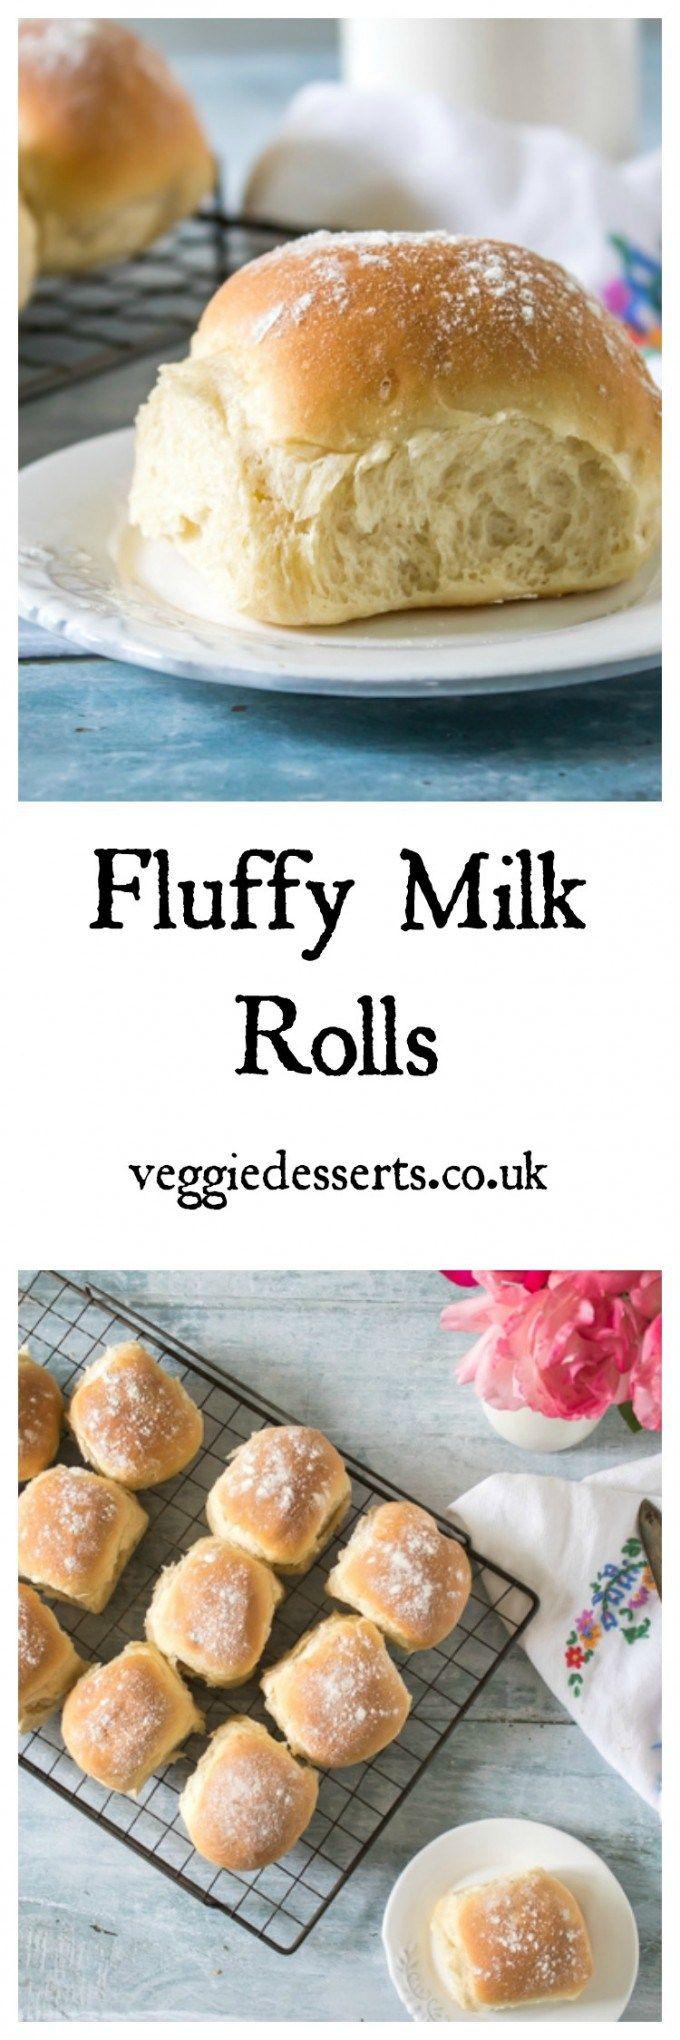 364 best veggie desserts my blog images on pinterest amazing fluffy milk rolls recipe veggie desserts blog forumfinder Image collections